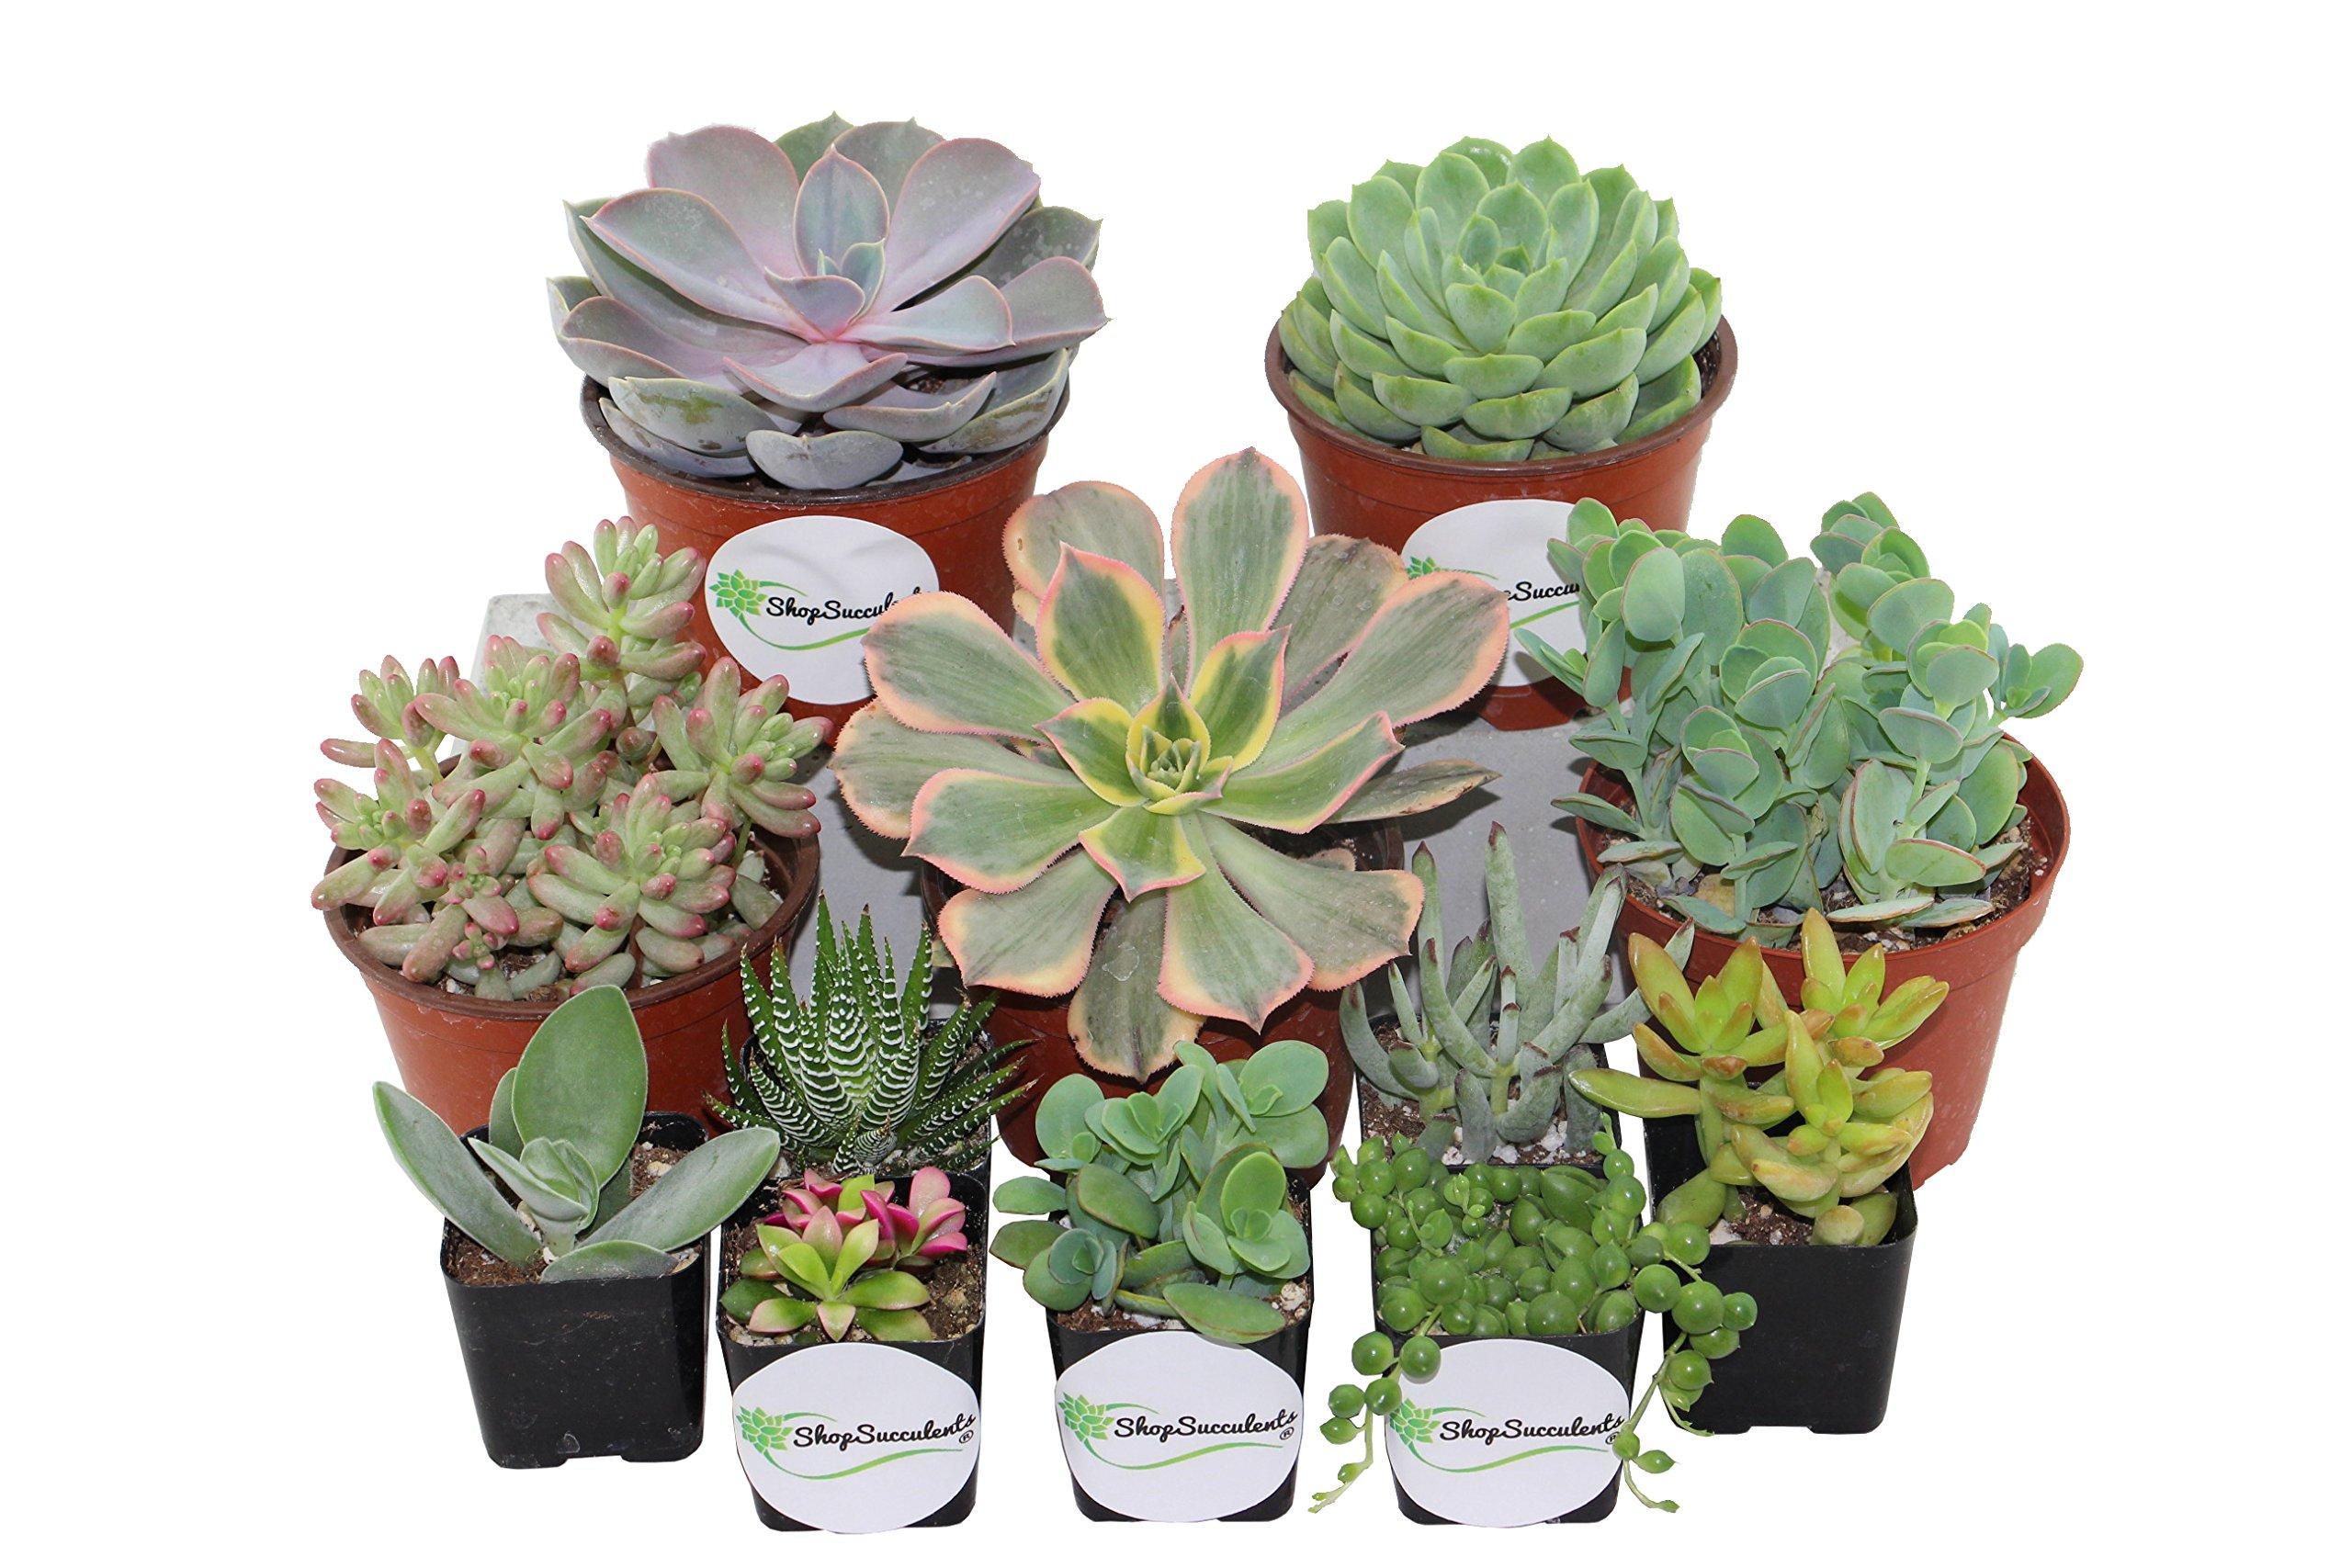 Shop Succulents Assorted Succulents 2'' & 4'' Combo Pack (24, 20x2'' Plants 4x4'' Plants)